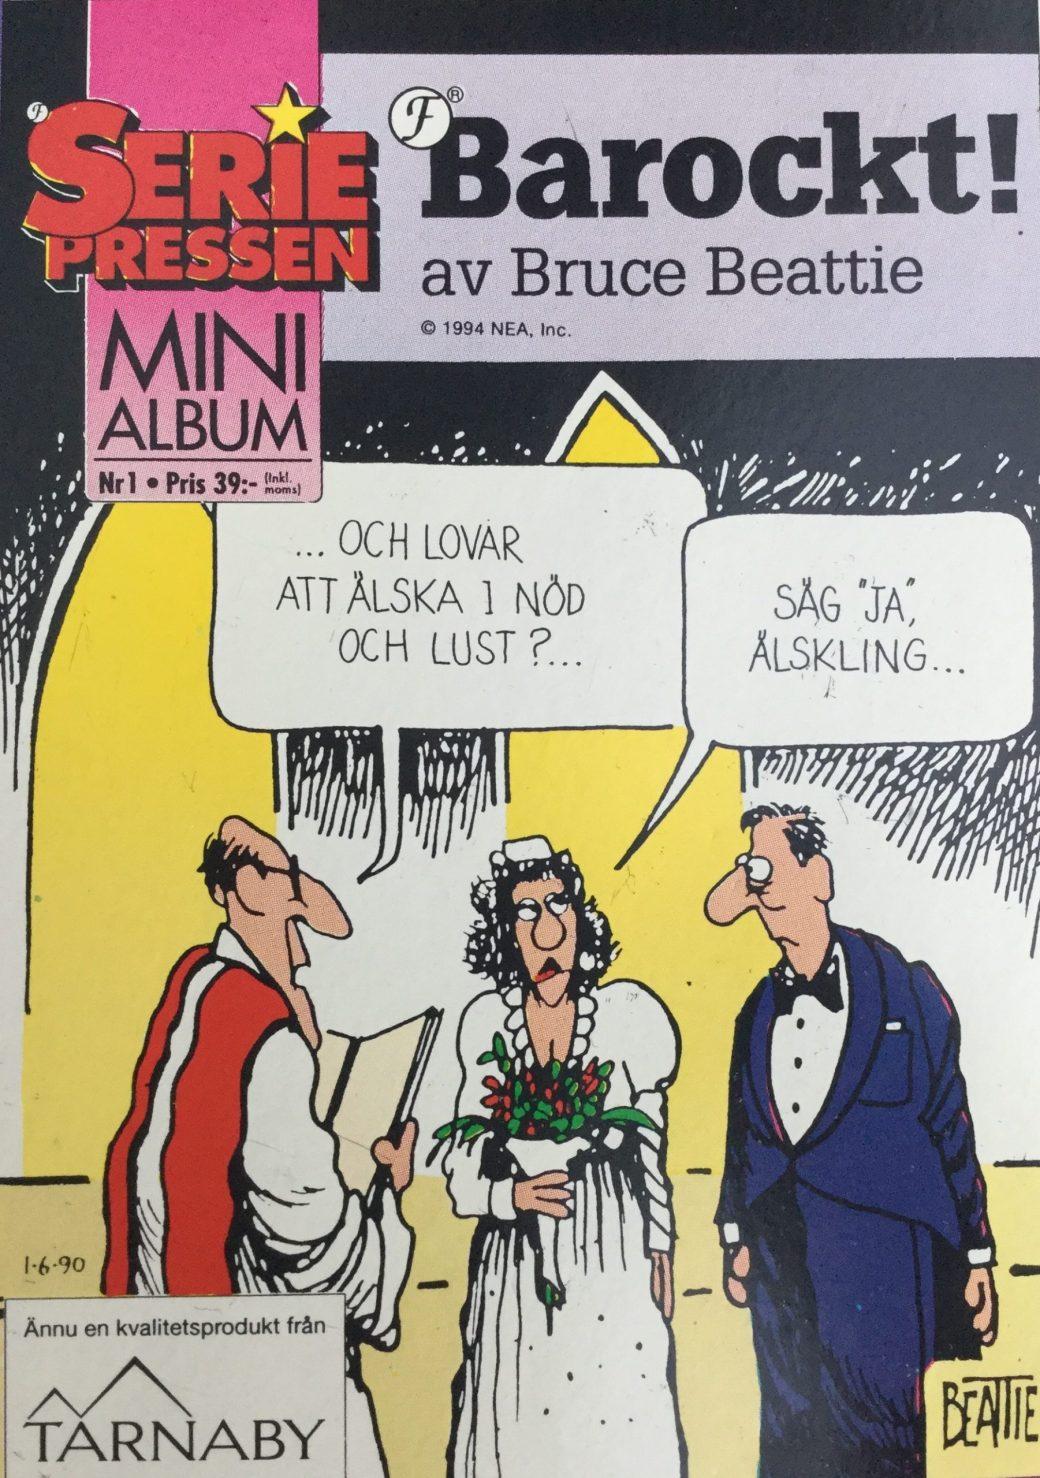 Barockt! fick en egen pocketutgåva i SeriePressen Minialbum nr 1, 1994